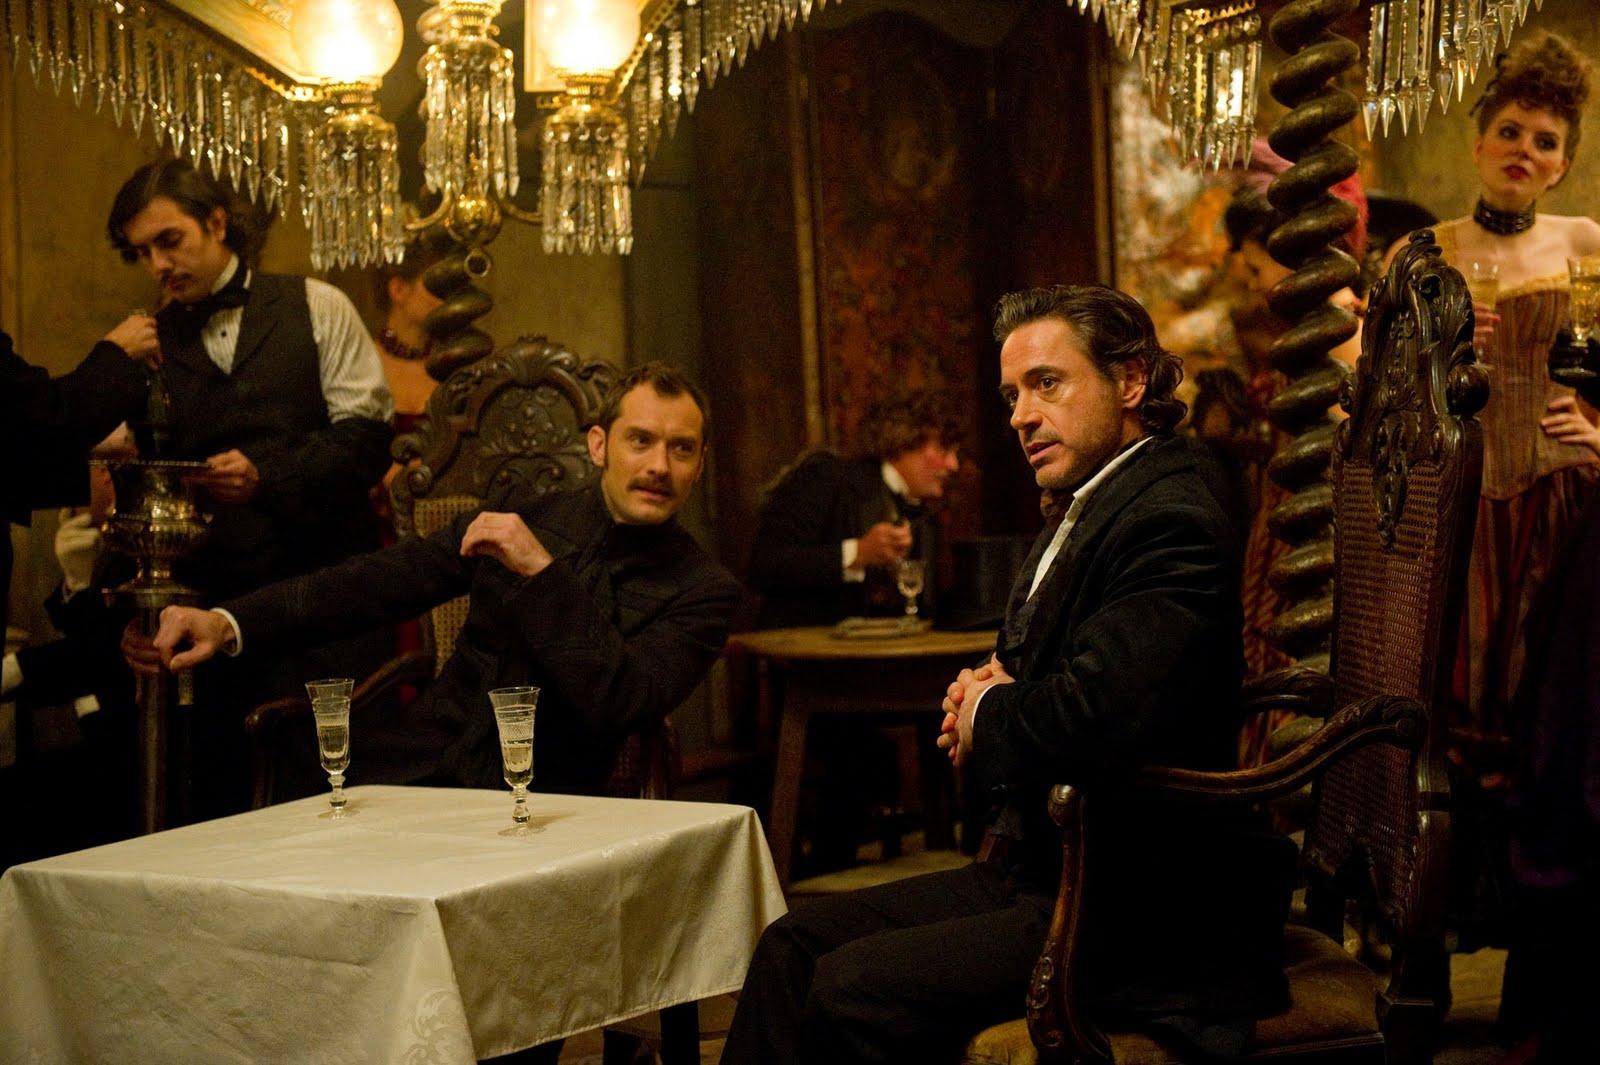 http://3.bp.blogspot.com/-cFiYLFNvD08/TuyfoX2ftOI/AAAAAAAACIo/4qKFtWXmlvQ/s1600/Sherlock-Holmes-A-Game-of-Shadows-image-Robert-Downey-Jr-Jude-Law-1.jpg